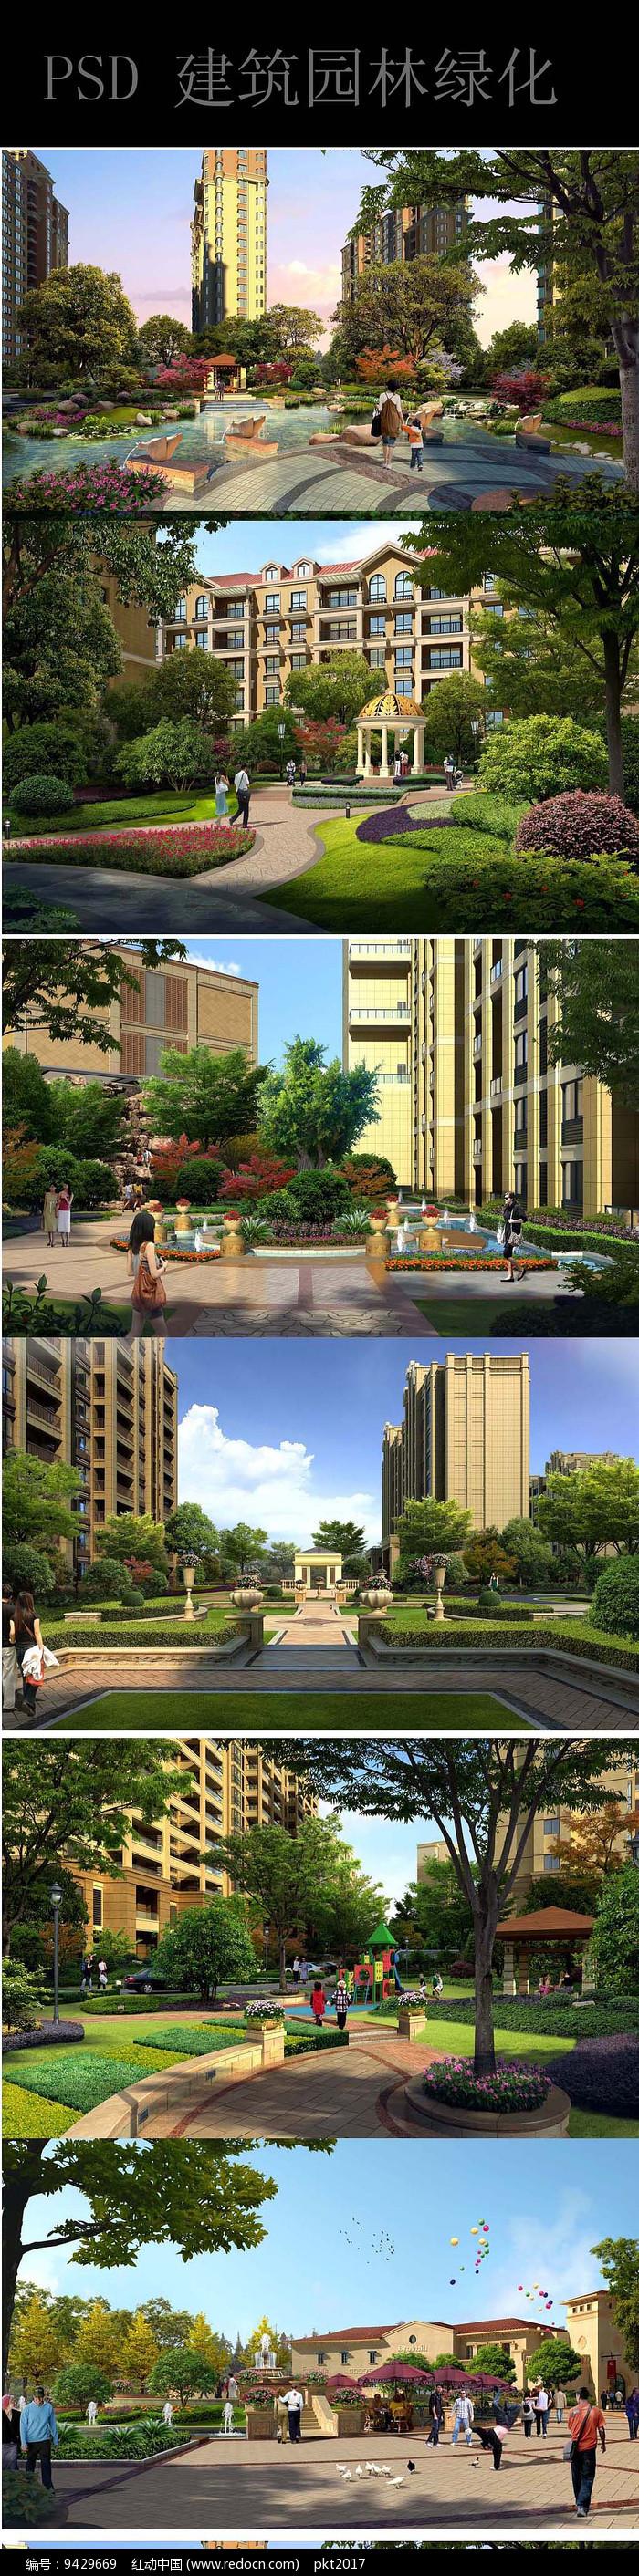 居住区园林设计效果图 图片